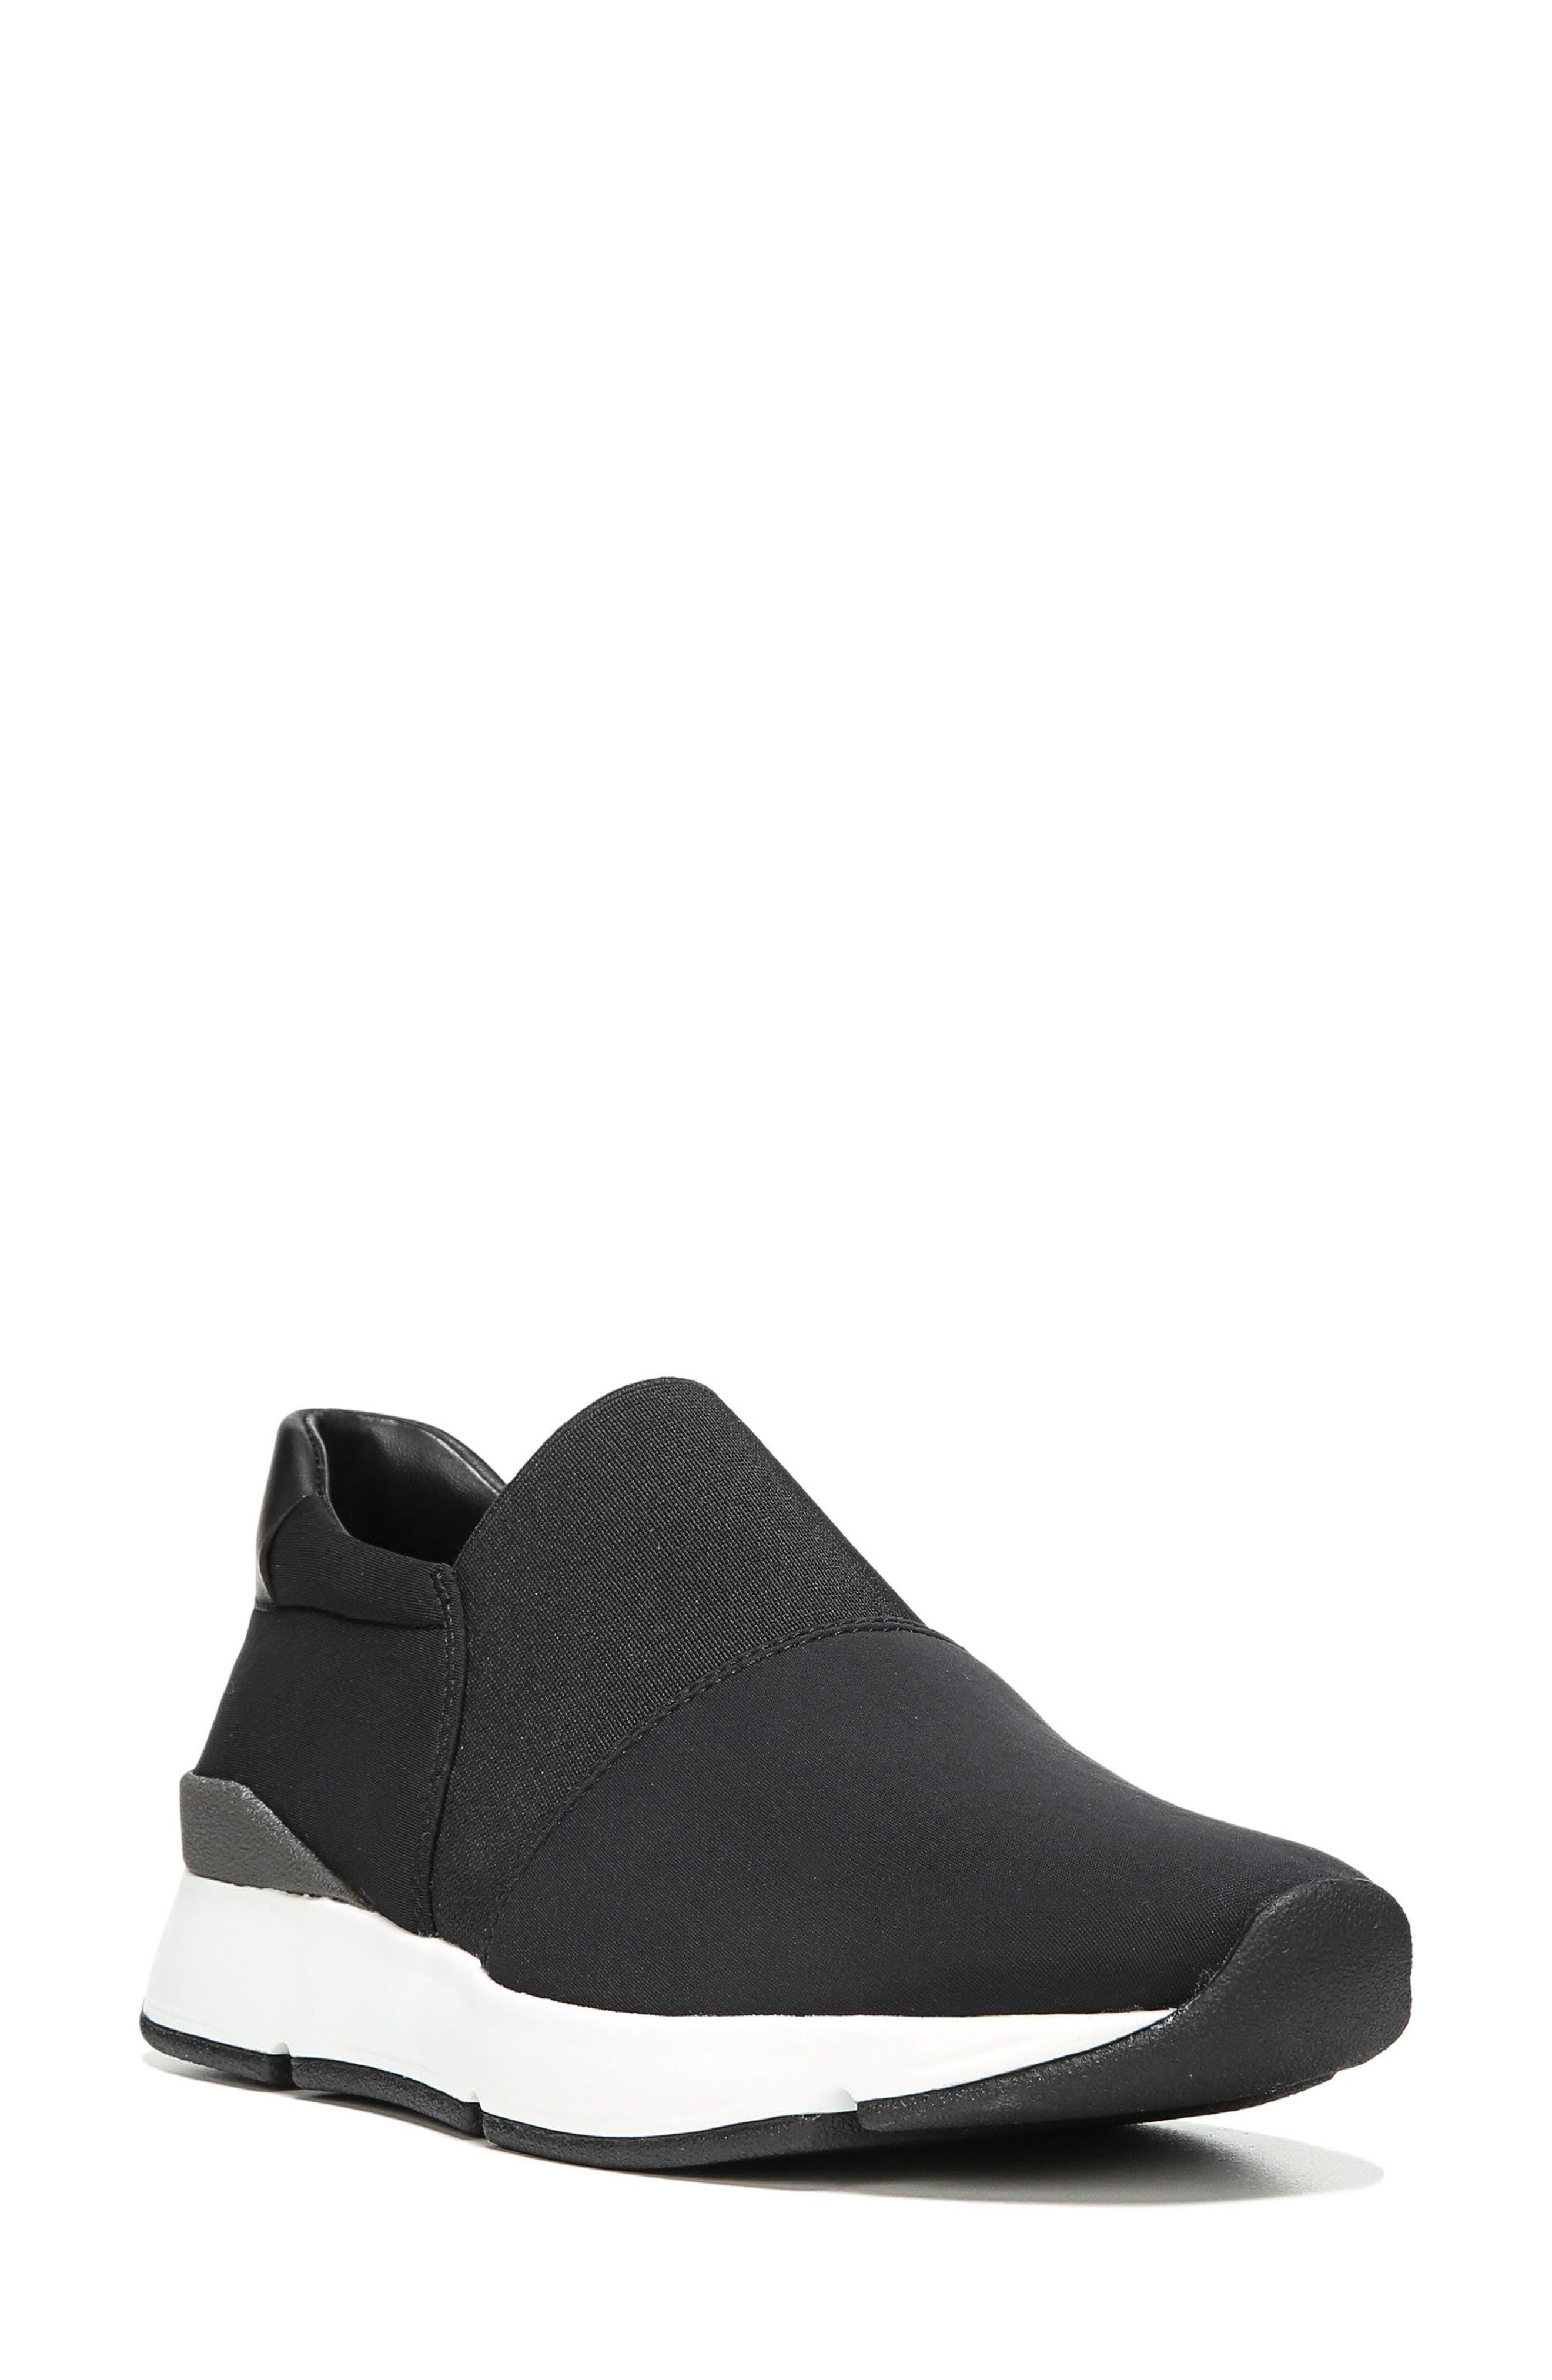 Truscott Slip-On Sneaker,                         Main,                         color, 001